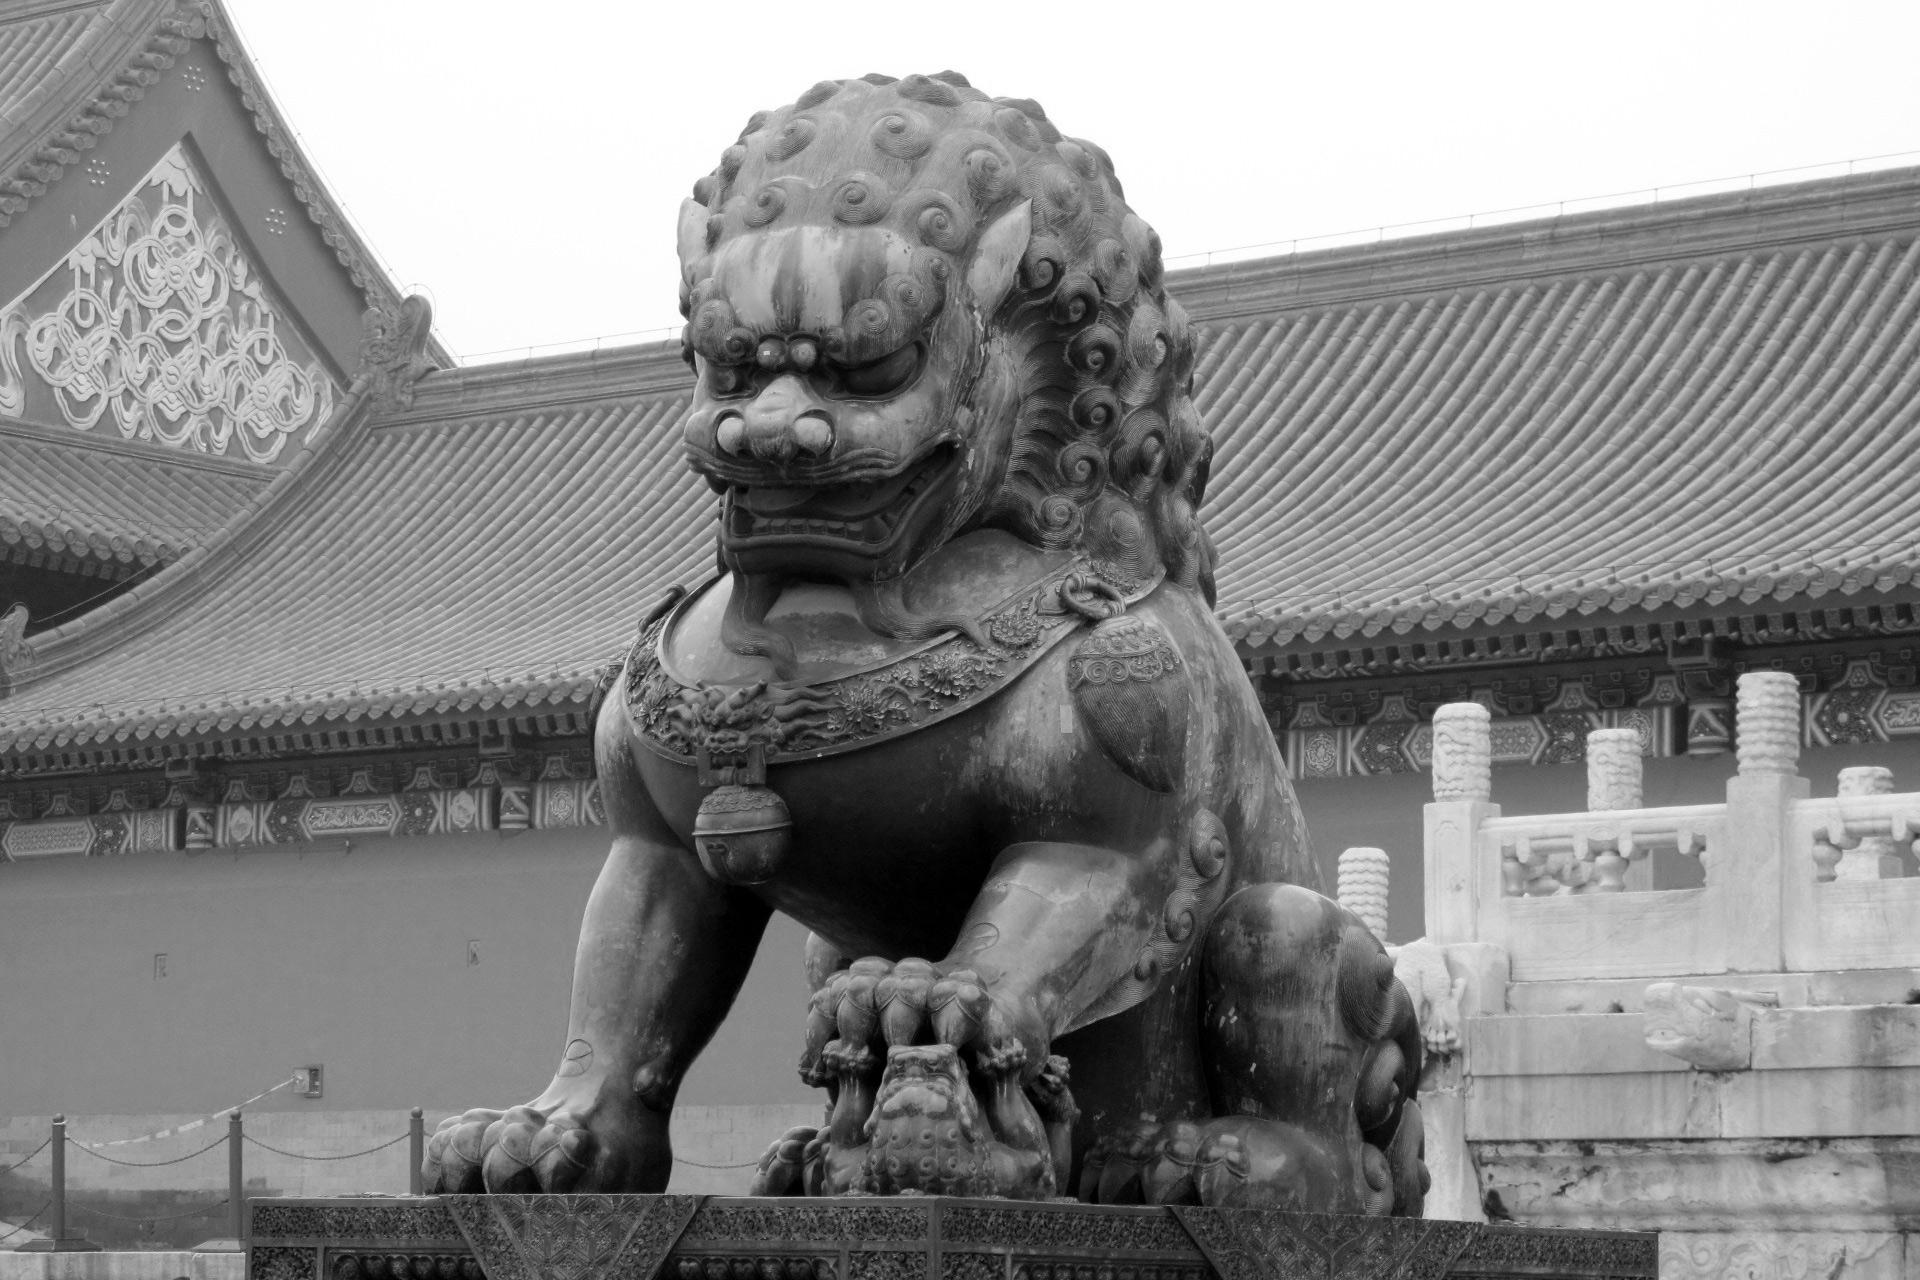 Cuộc phiêu lưu quân sự của nhà Thanh ở Đằng Trong thế kỷ 18